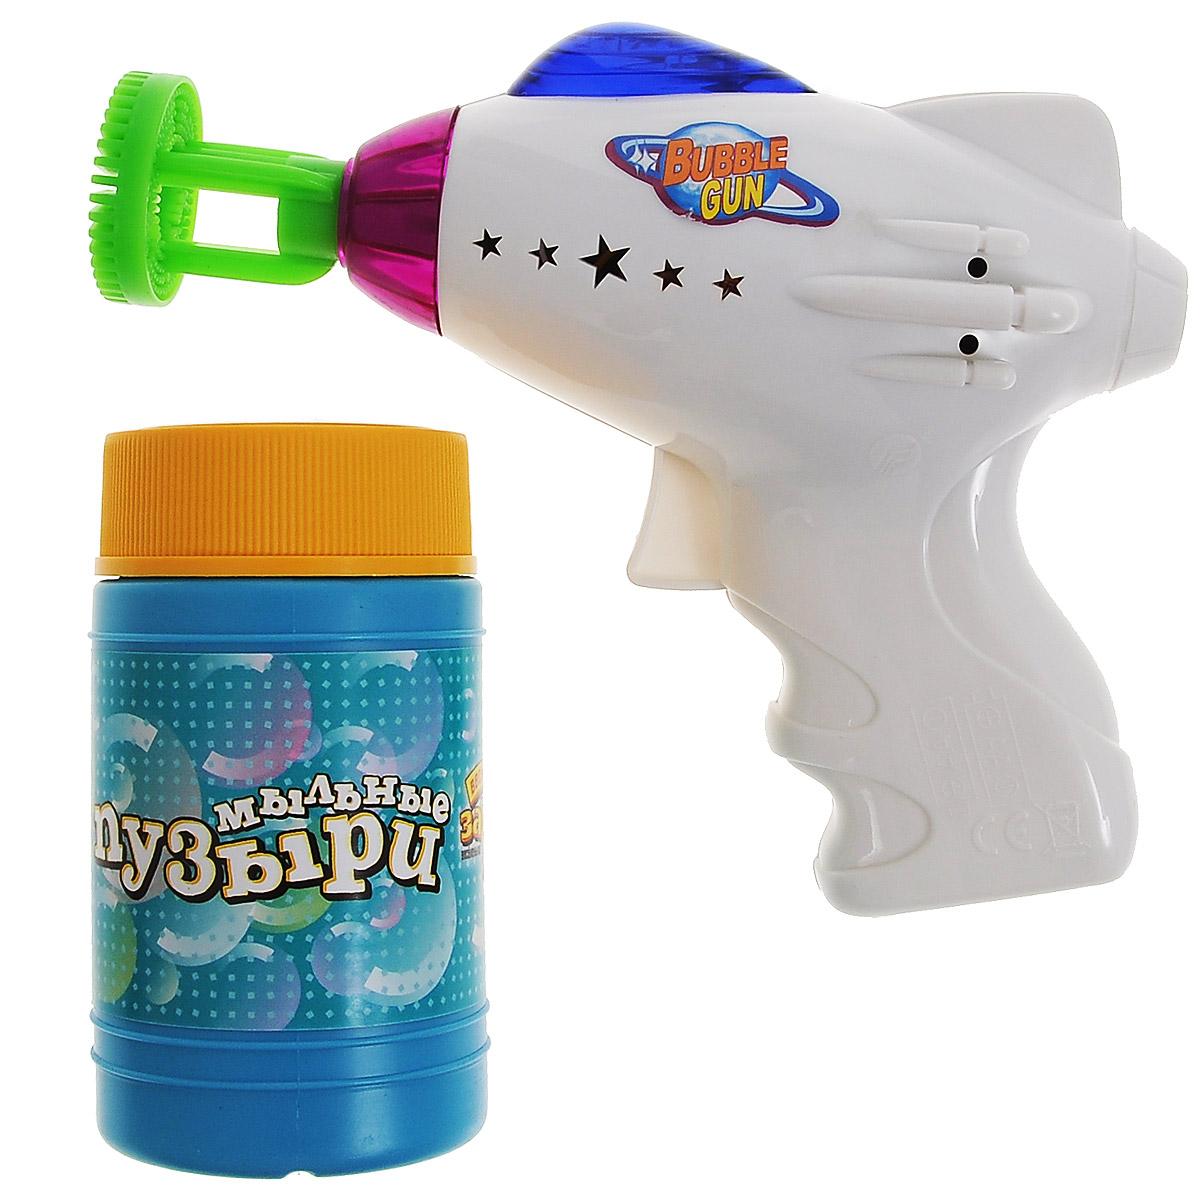 Веселая затея Игрушка с мыльными пузырями Космос, со световыми и звуковыми эффектами, 140 мл1504-0193Выдувание мыльных пузырей - это веселое развлечение для детей и взрослых. А с игрушкой Веселая затея Космос вас ждет просто гигантская очередь мыльных пузырей! Для этого налейте мыльный раствор в крышку от флакончика, опустите в нее носик игрушки, поднимите в воздух и нажмите на курок. Вы увидите невероятное количество пузырей. Сопровождаться это будет световыми и звуковыми эффектами. Устройте малышу настоящее мыльное шоу! В комплекте для выдувания мыльных пузырей: пластиковый пистолет, пузырек с мыльной жидкостью. Для работы игрушки необходимы 2 батарейки типа АА (не входят в комплект).